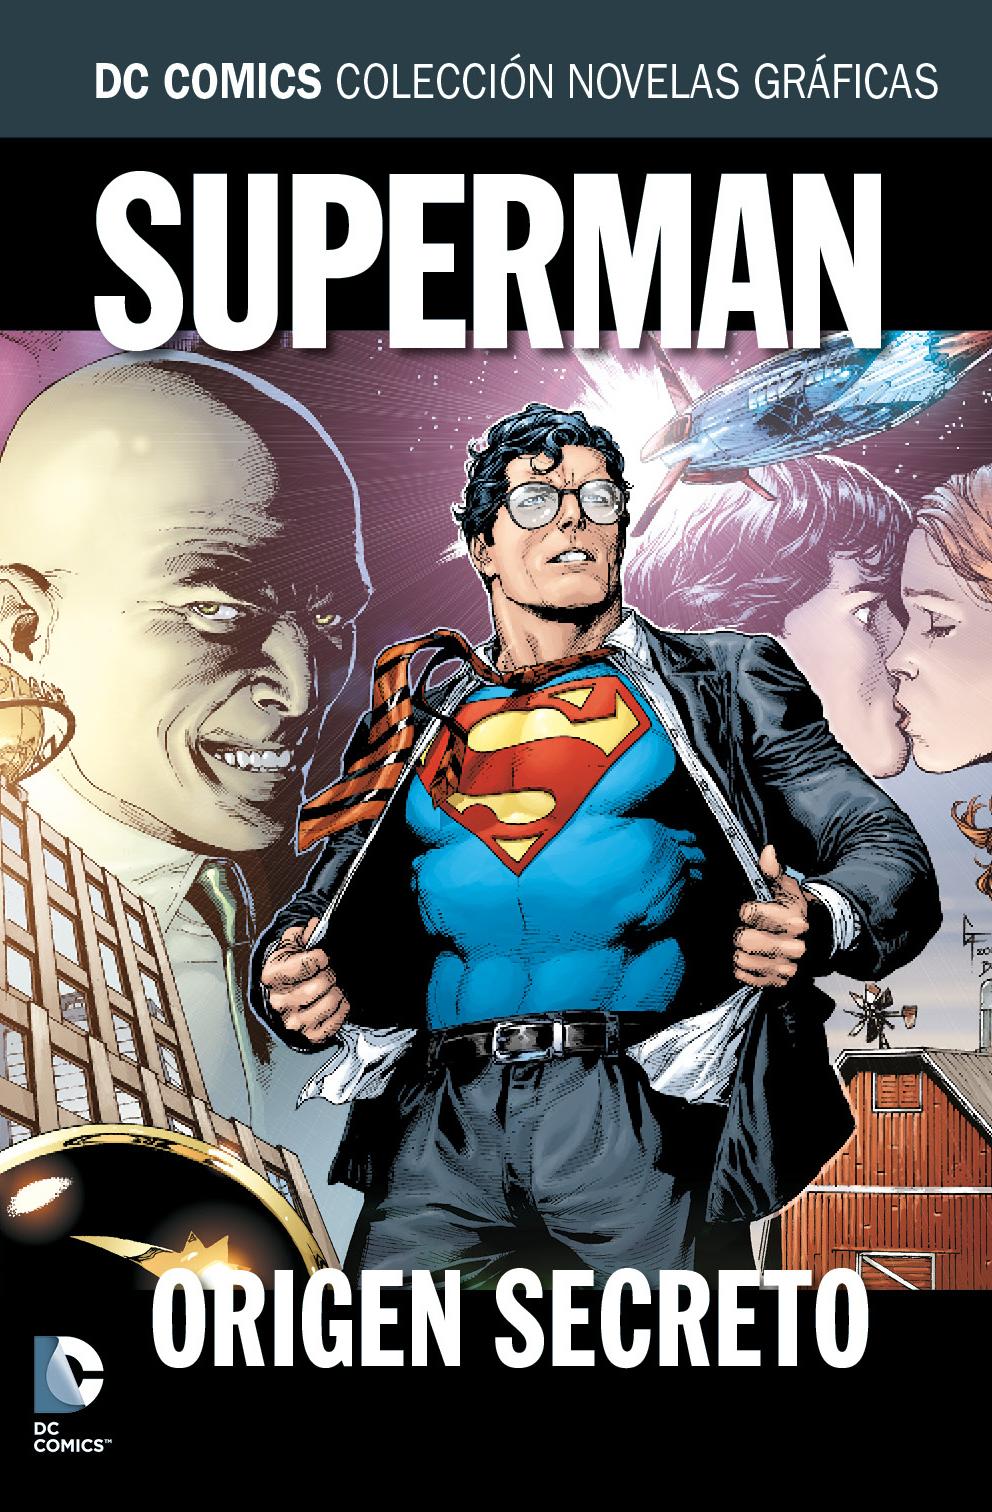 [DC - Salvat] La Colección de Novelas Gráficas de DC Comics  - Página 6 Origen_Secreto